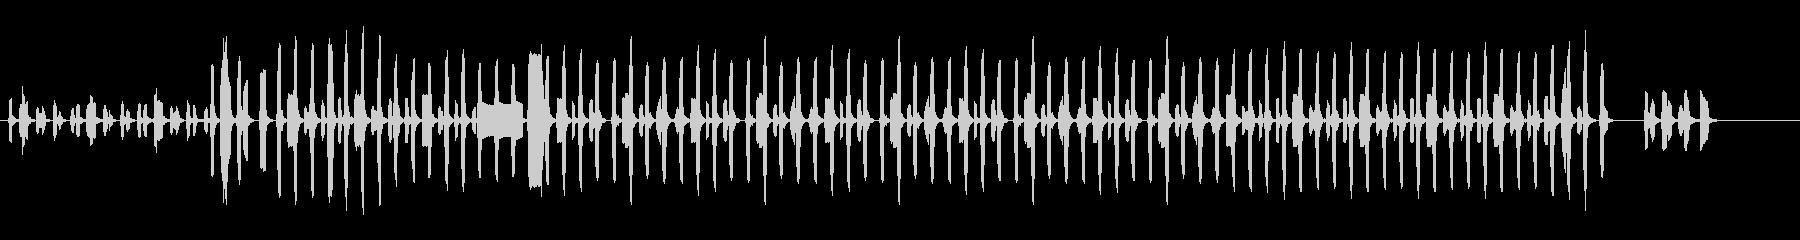 ピタゴラスイッチのパロディ_長めの未再生の波形